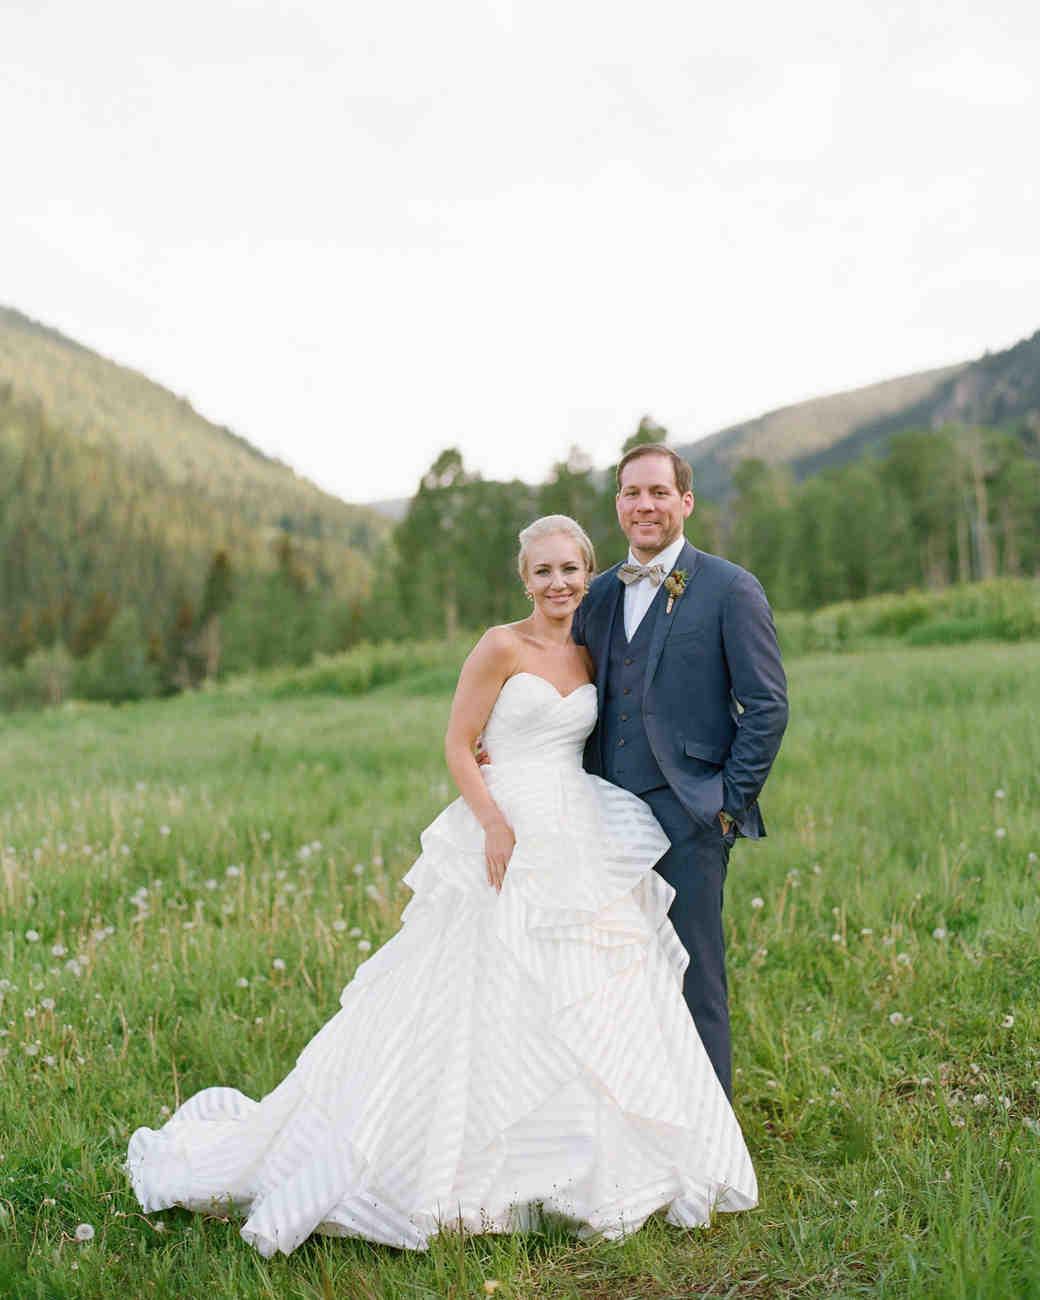 stacey-eric-wedding-couple-18-s111513-1014.jpg